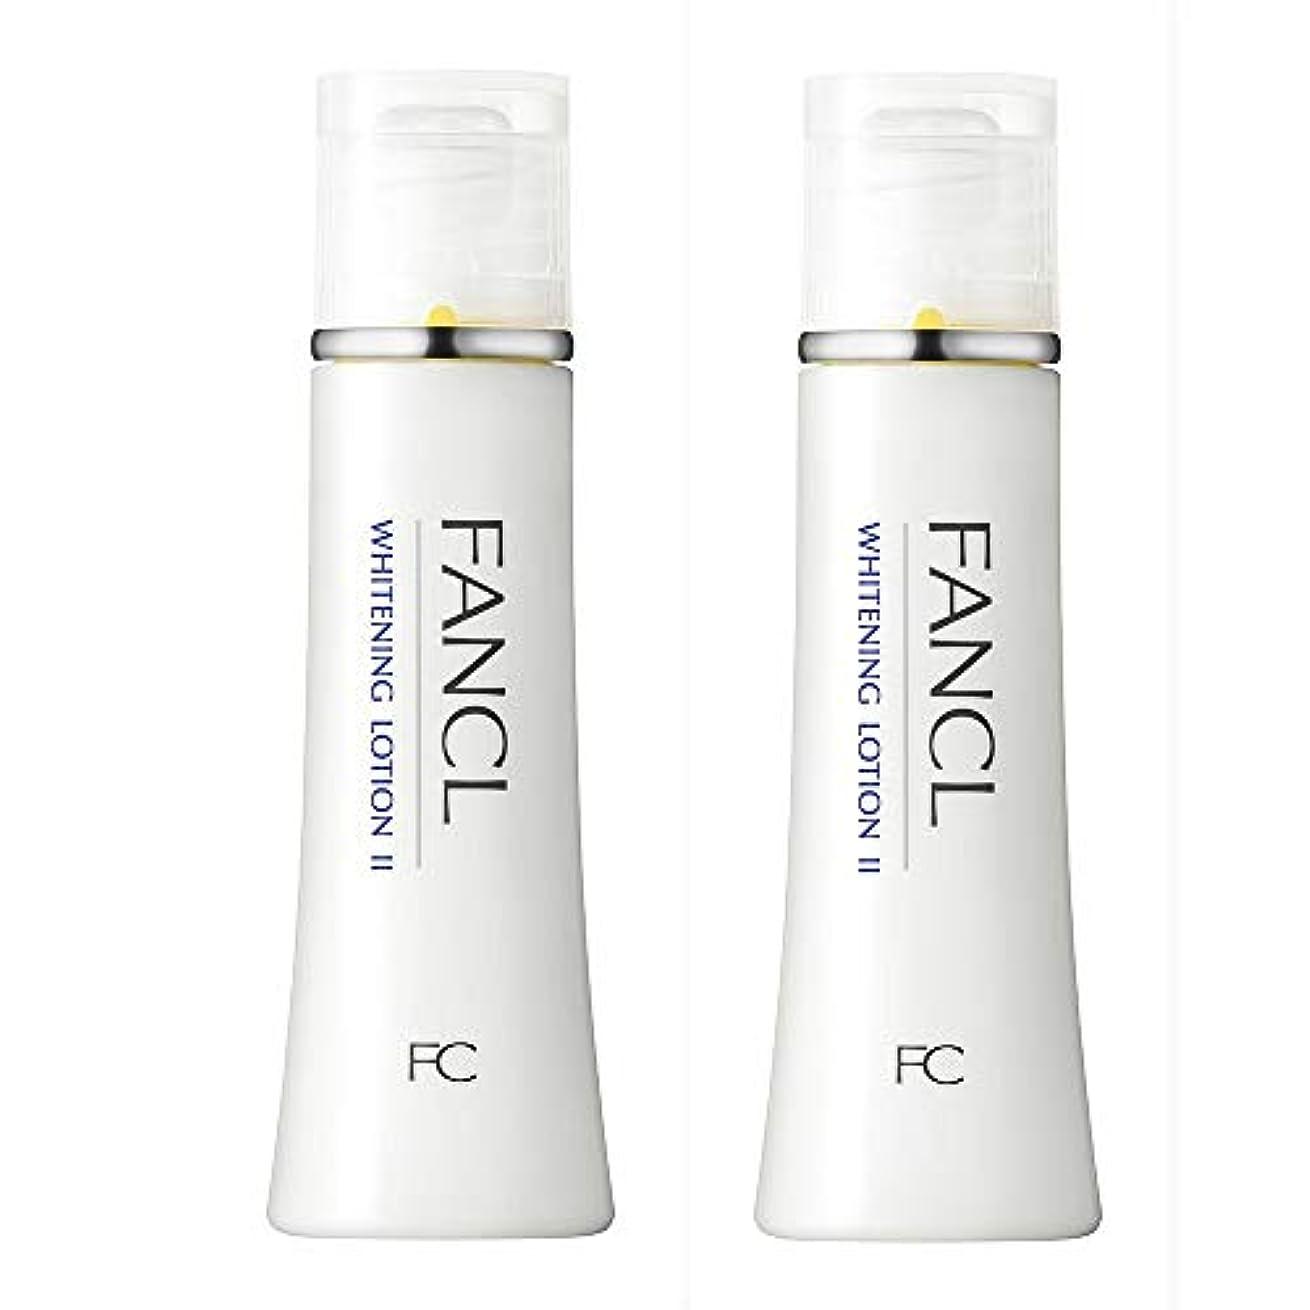 飢え洗練シロクマファンケル(FANCL) 新ホワイトニング 化粧液 II しっとり 2本セット<医薬部外品>